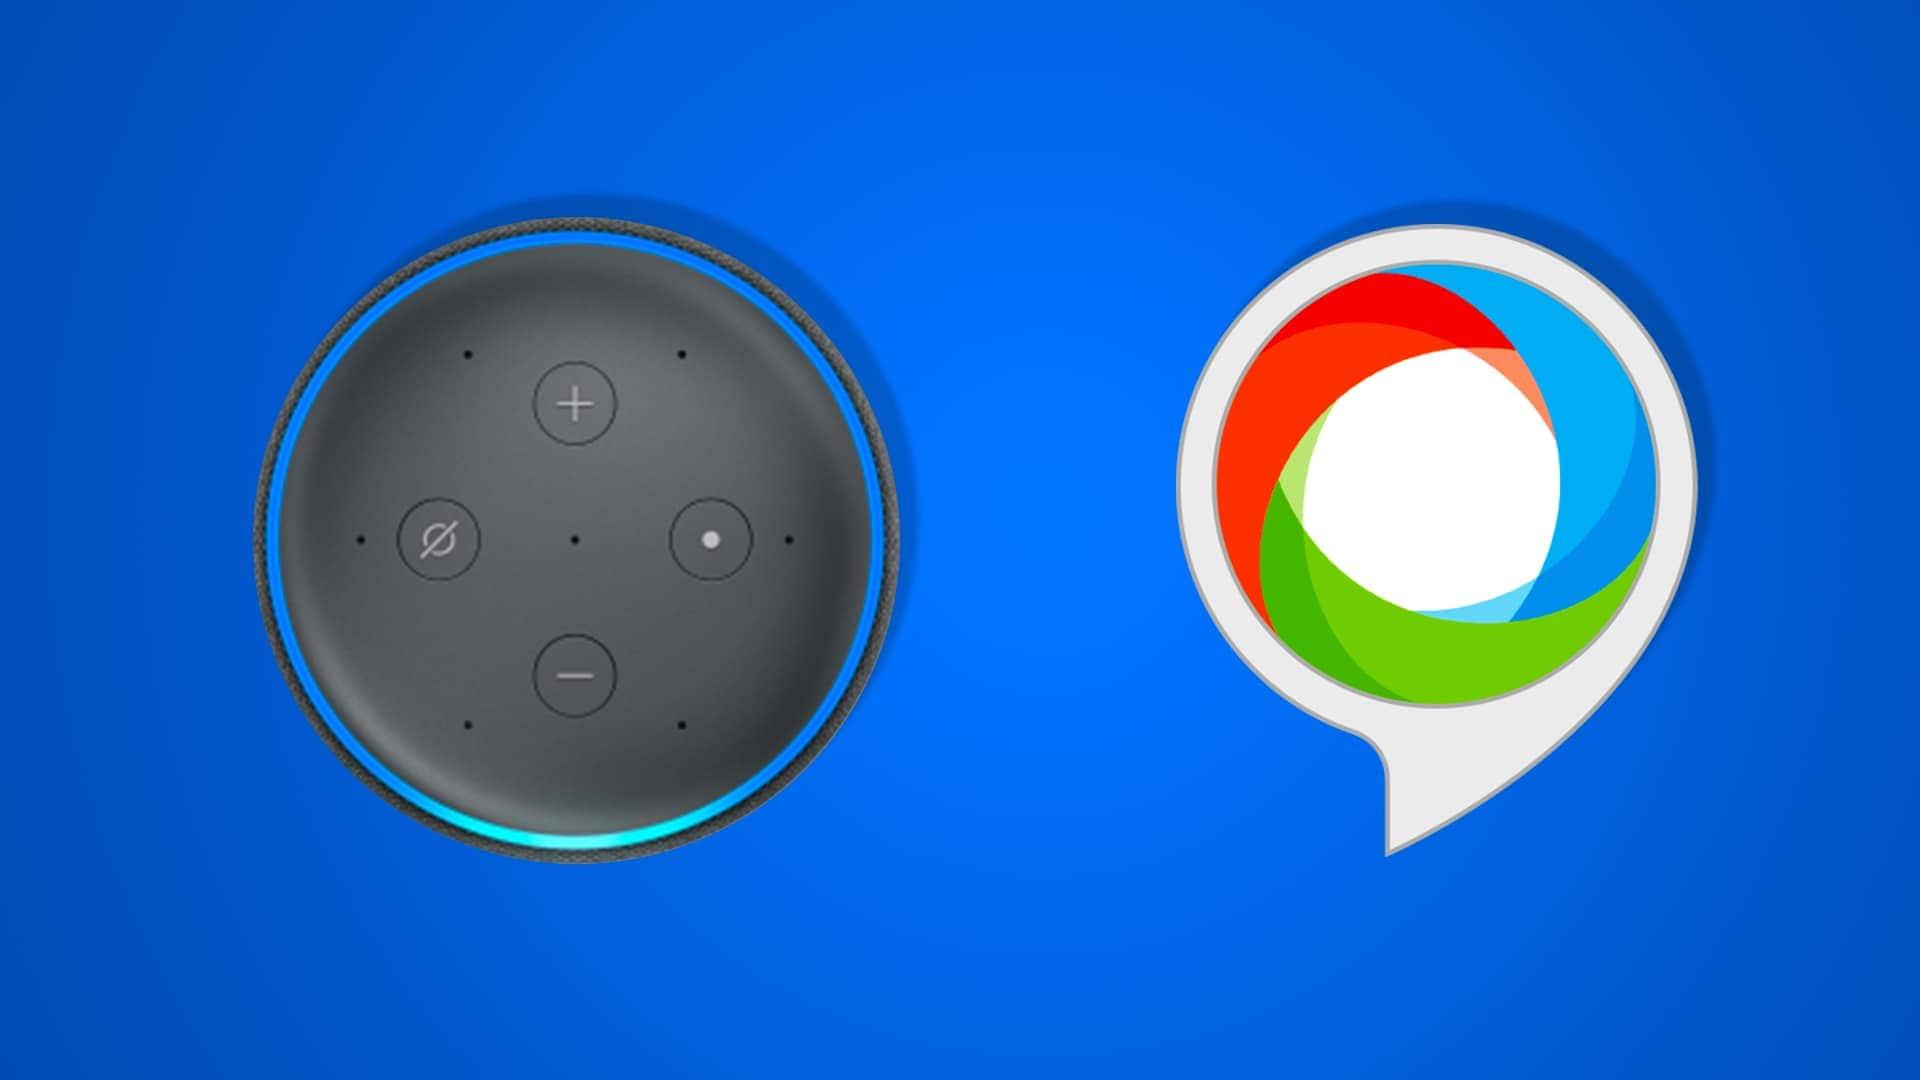 Il futuro sembra roseo per gli smart speaker: in crescita per il 2021, raddoppieranno in quattro anni (foto)